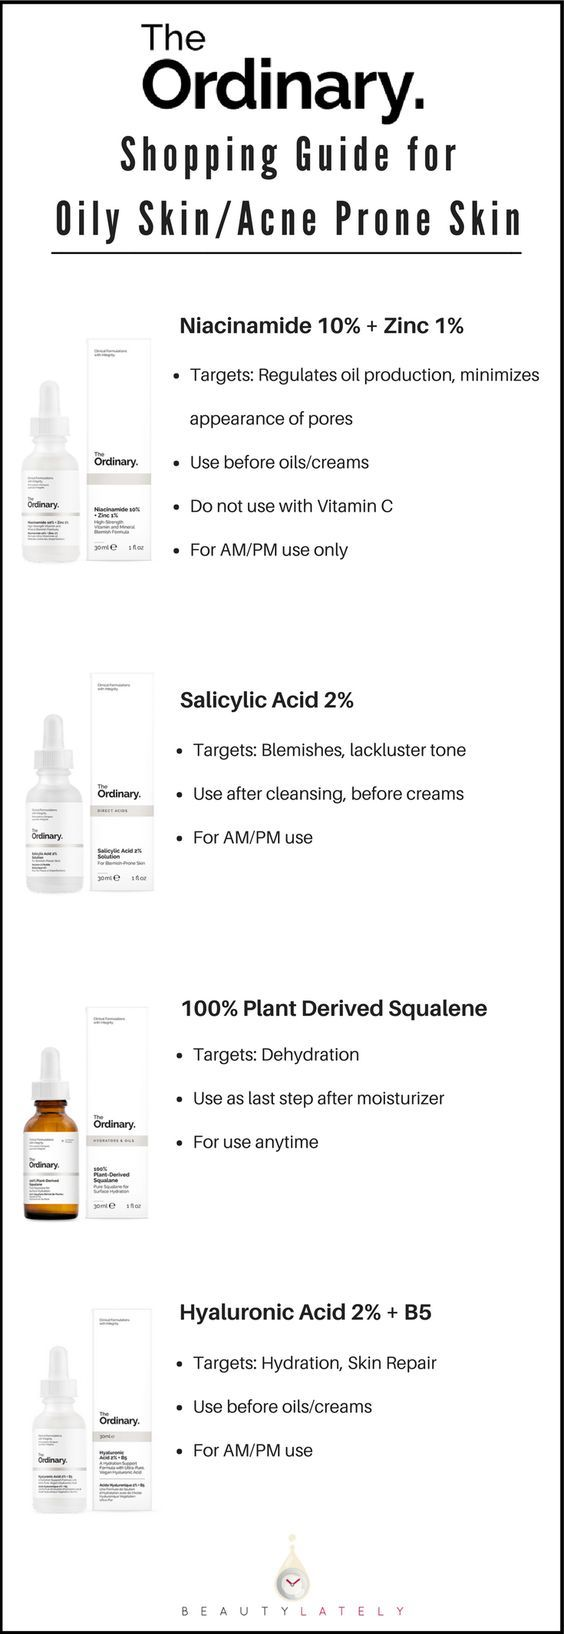 The Ordinary Skincare Guide to Oily, Acne Prone Skin